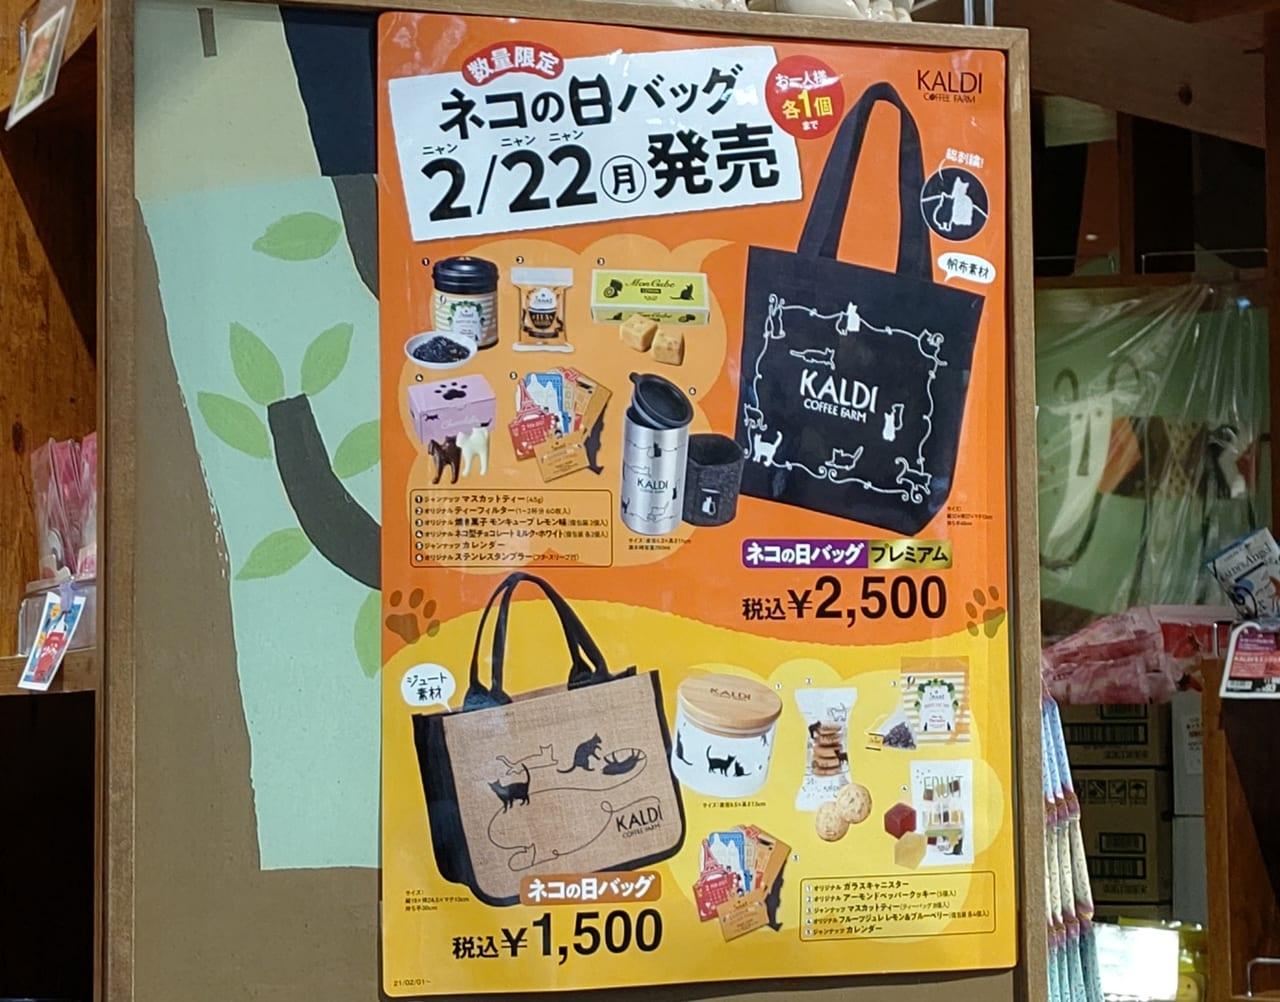 猫 日 カルディ の カルディ猫の日バッグを購入|大行列?メルカリ転売は倍以上?|きゃっともとーく